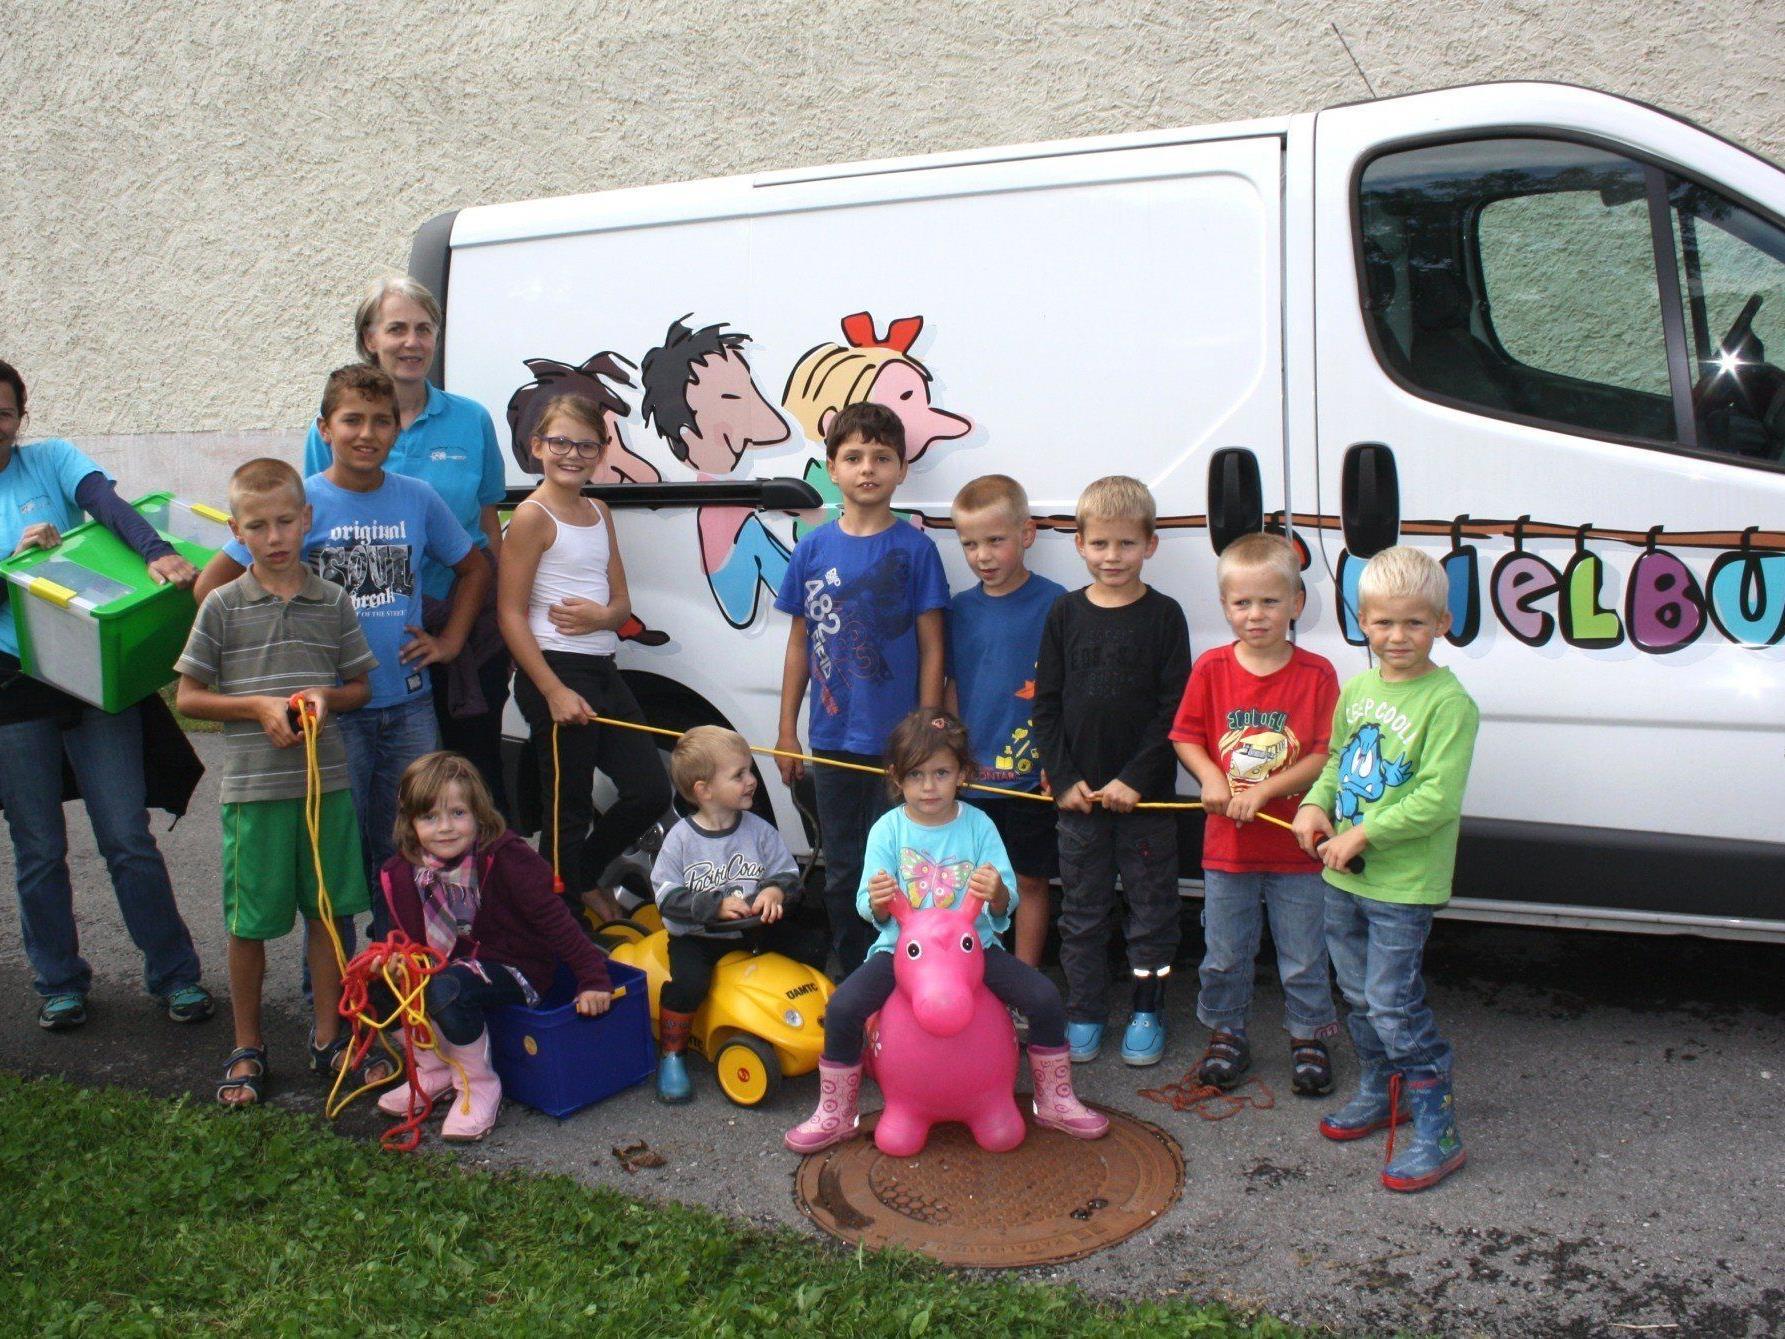 Die Kinder freuten sich, dass auch in diesem Jahr der Spielbus mit all seinen Angeboten nach Lochau gekommen war.